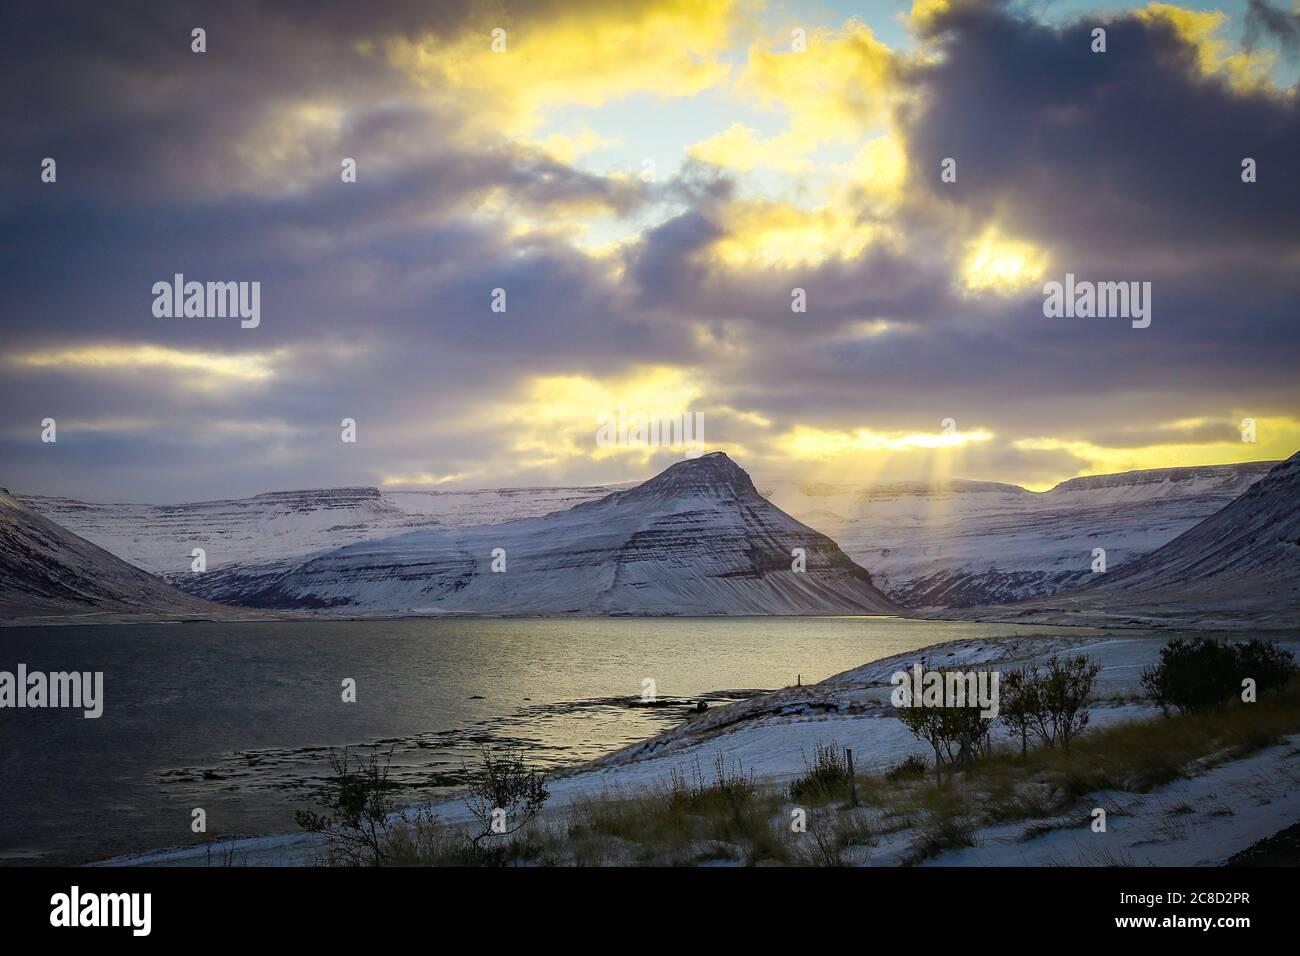 Belle vue ensoleillée sur la montagne dans l'ouest fjords Islande Banque D'Images